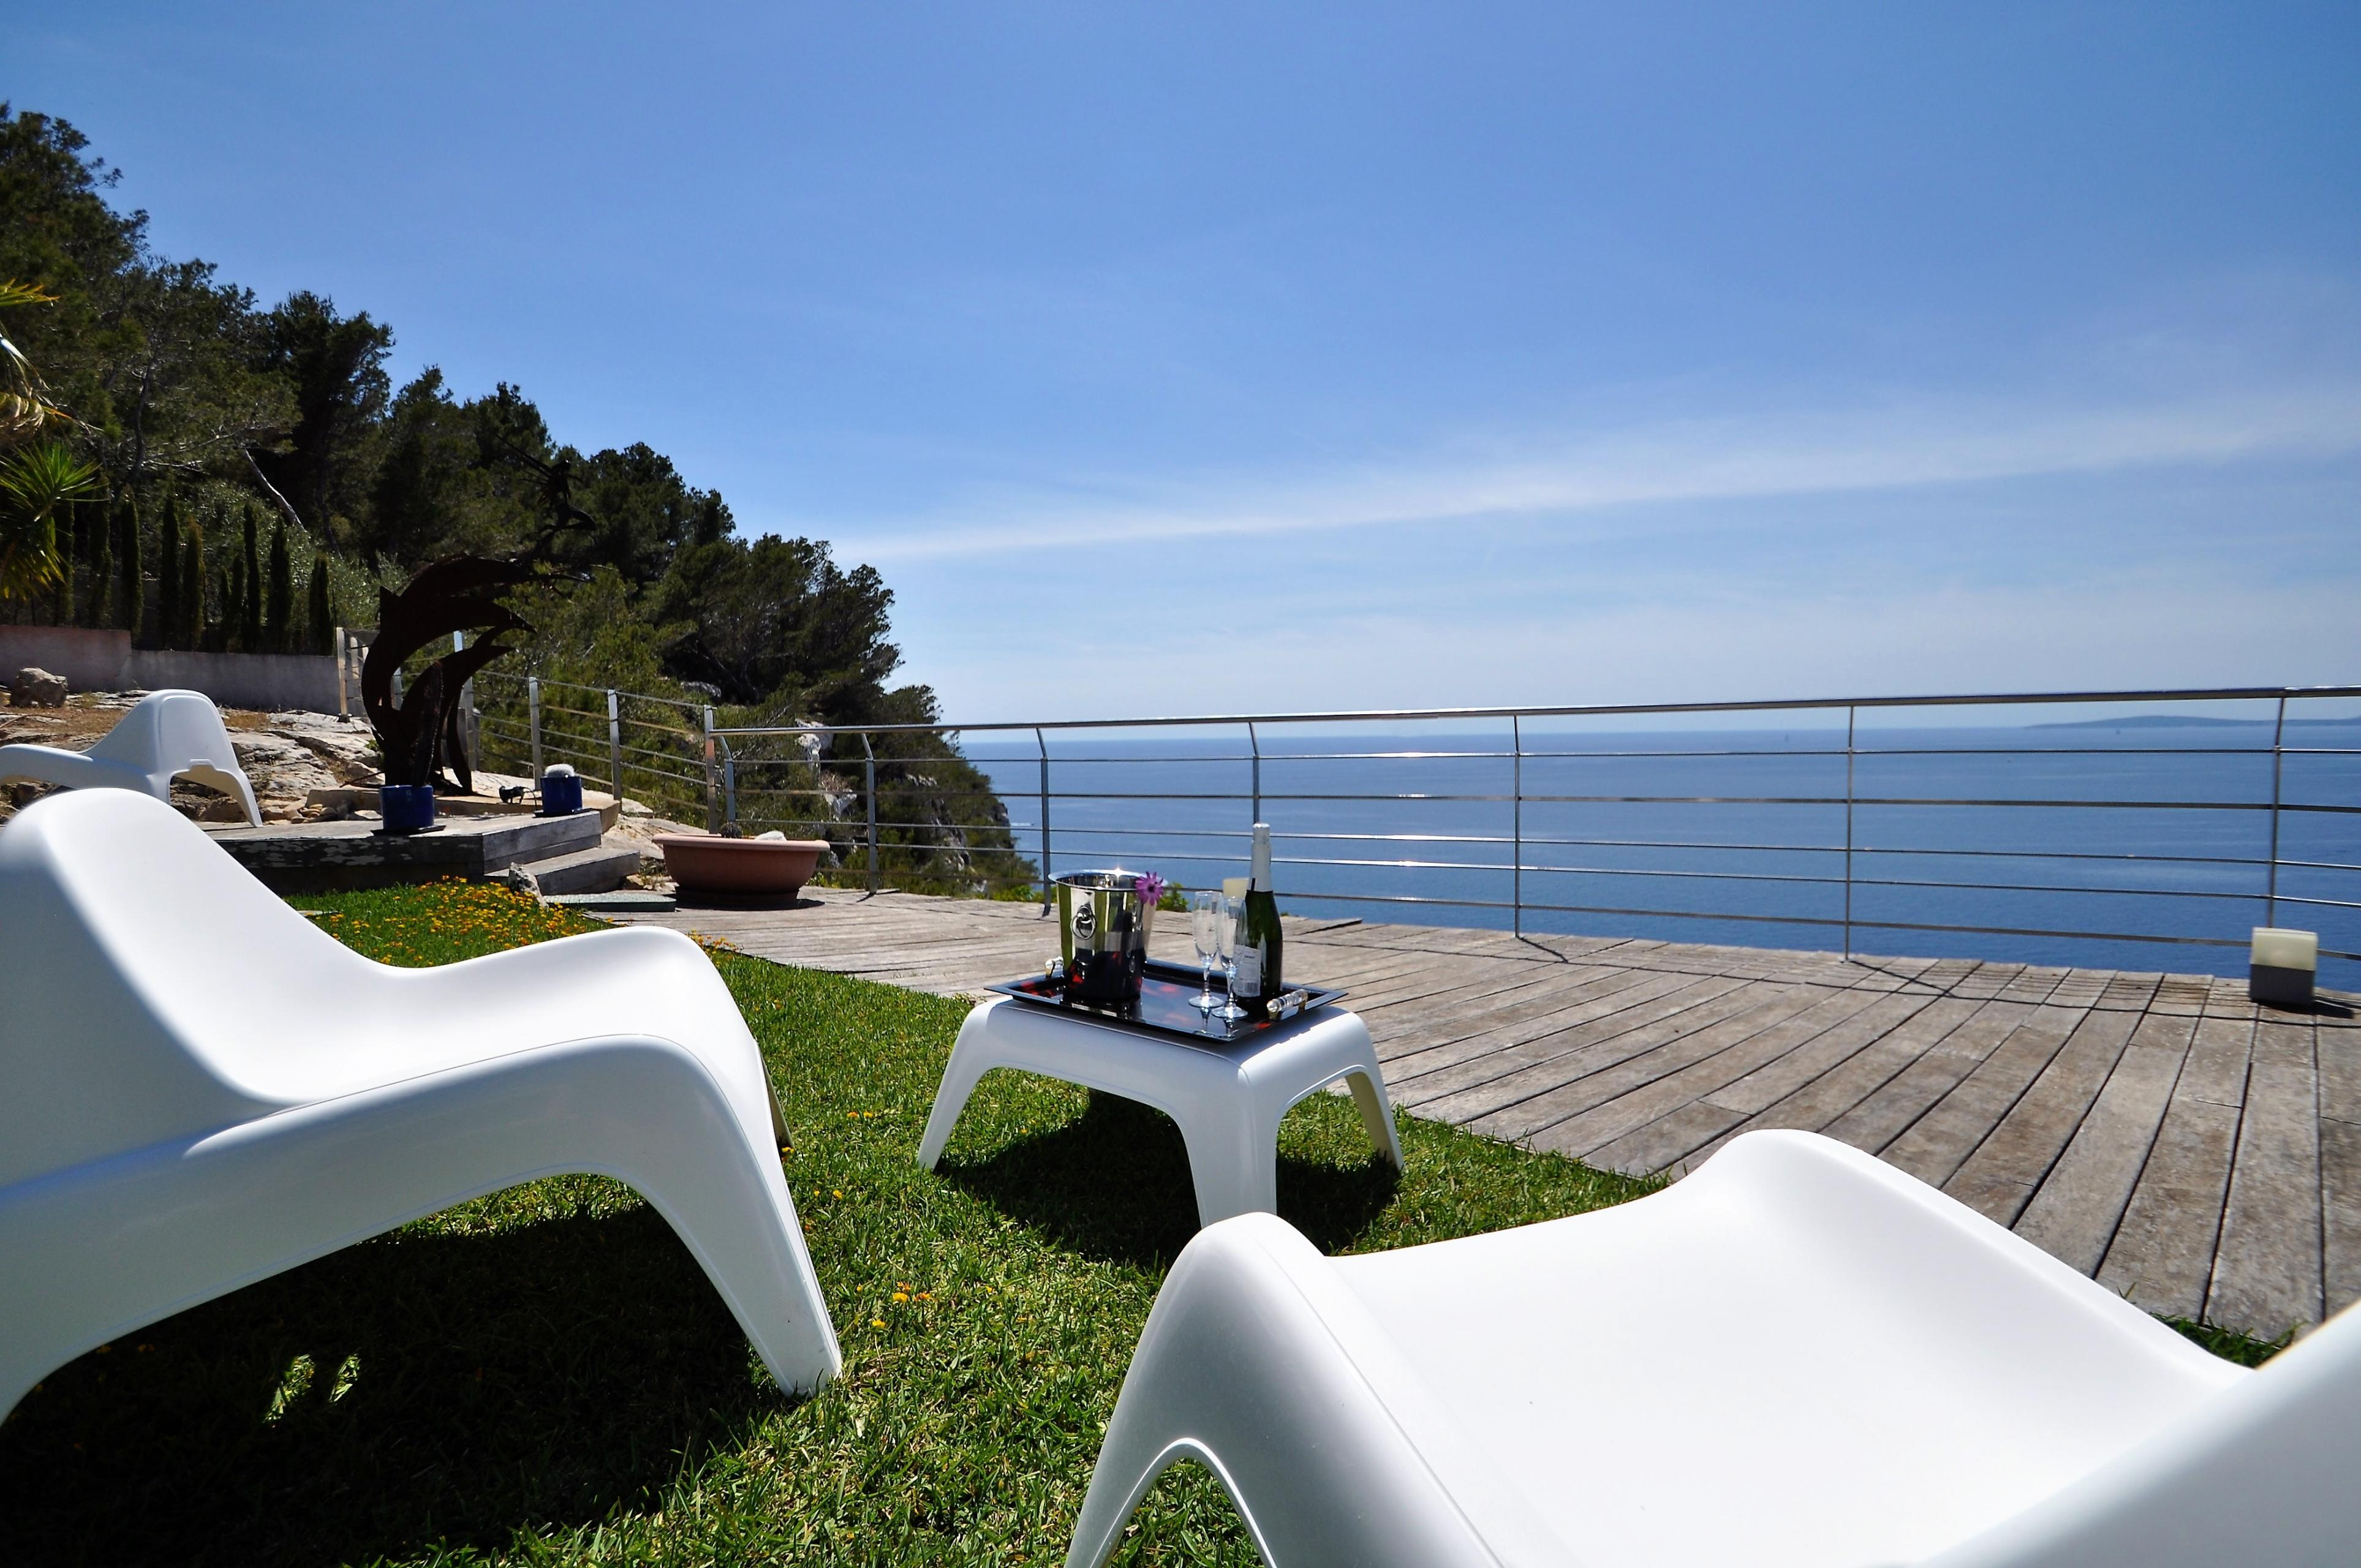 Maison de vacances VILLA BAY BLUE- Bahia Azul- Mallorca - VILLAONLINE - Kostenloses WLAN (2684052), Bahia Azul, Majorque, Iles Baléares, Espagne, image 3